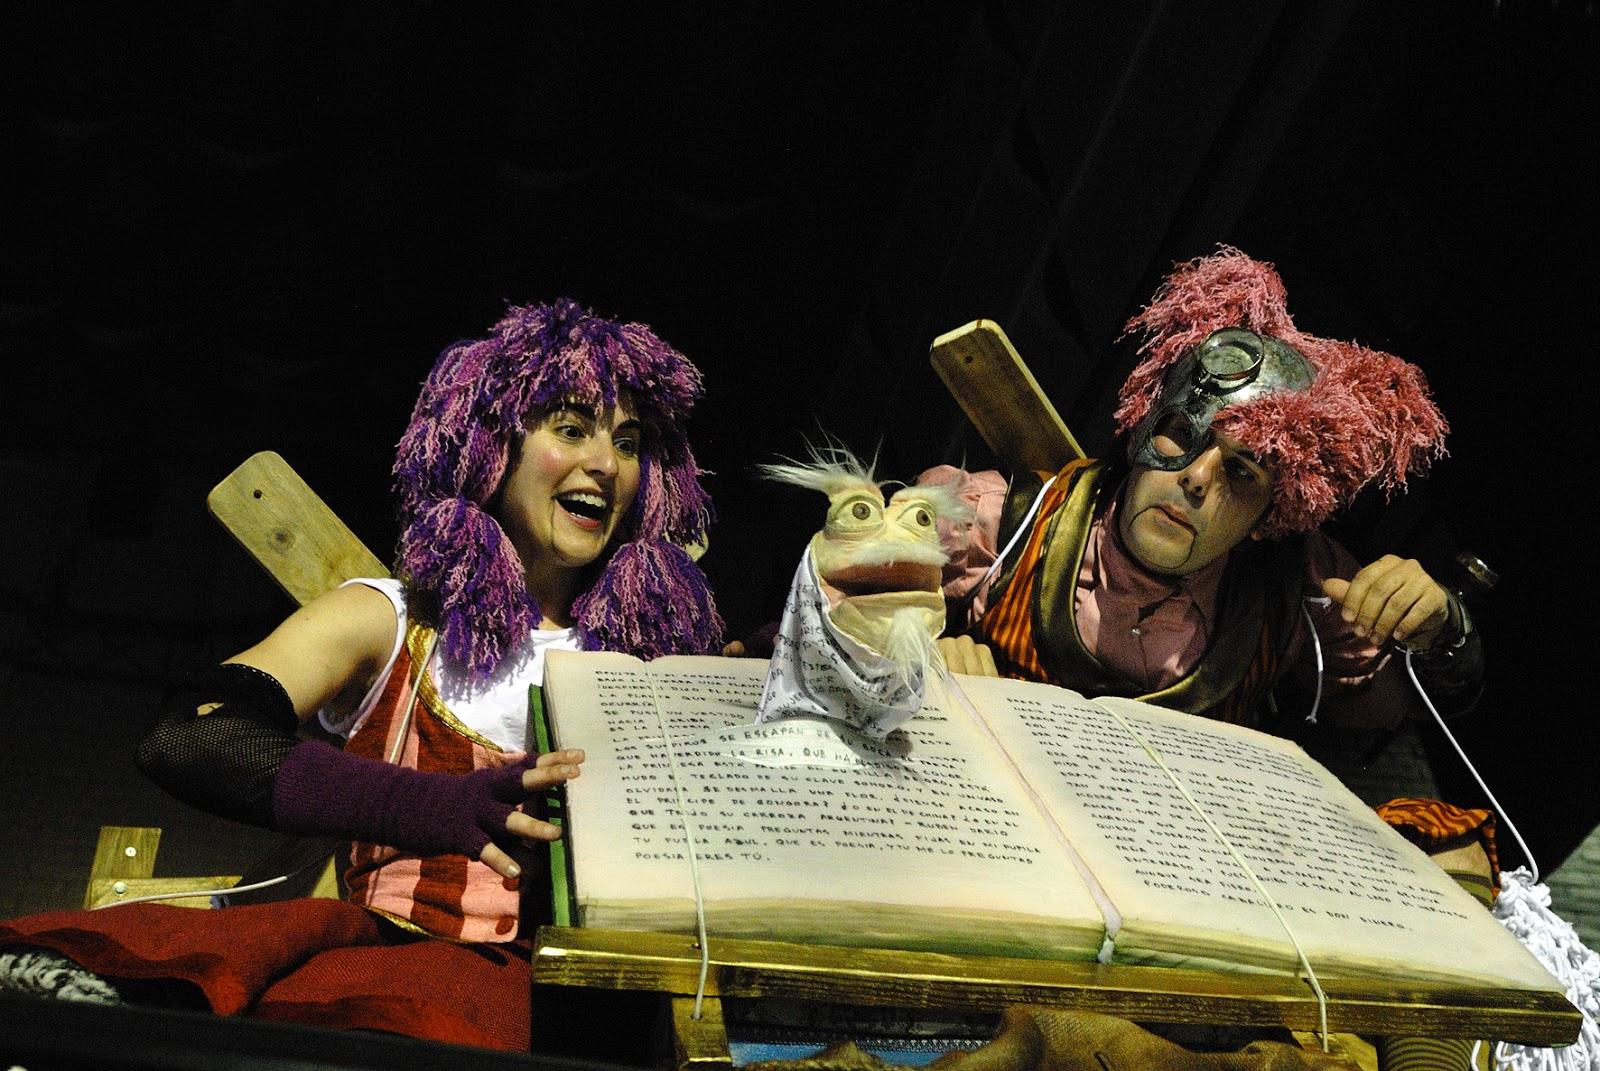 La magia en un libro - Página 5 Libertia_86%C2%A9BorjaRela%C3%B1o